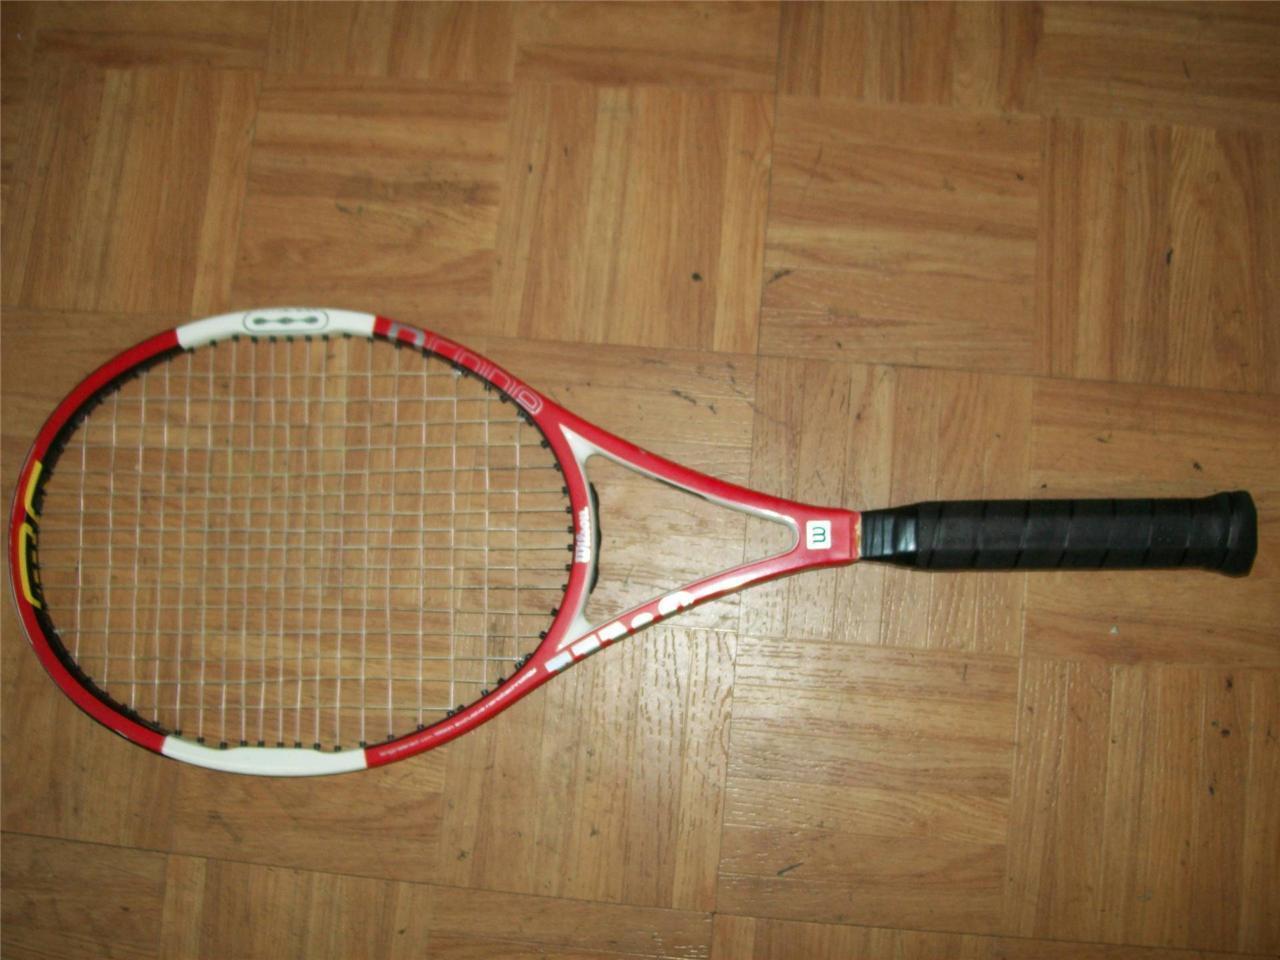 Wilson Hammer 4.4 Stretch Midplus 95 4 1 4 grip Tennis Racquet